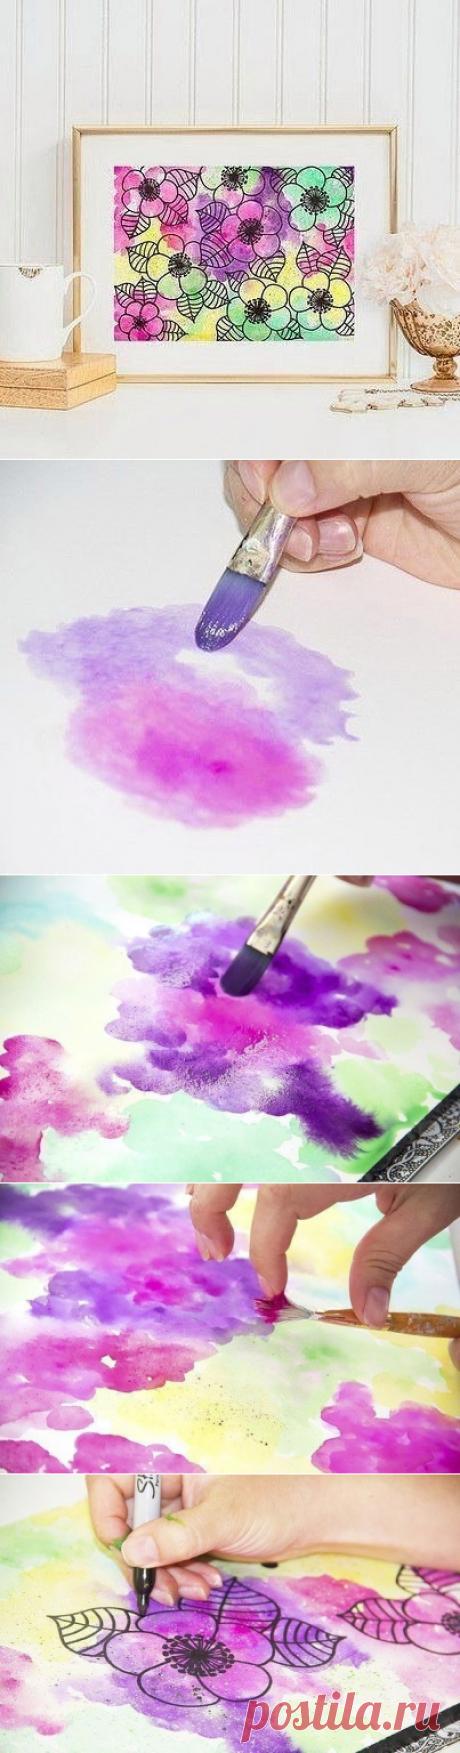 Цветочное панно своими руками